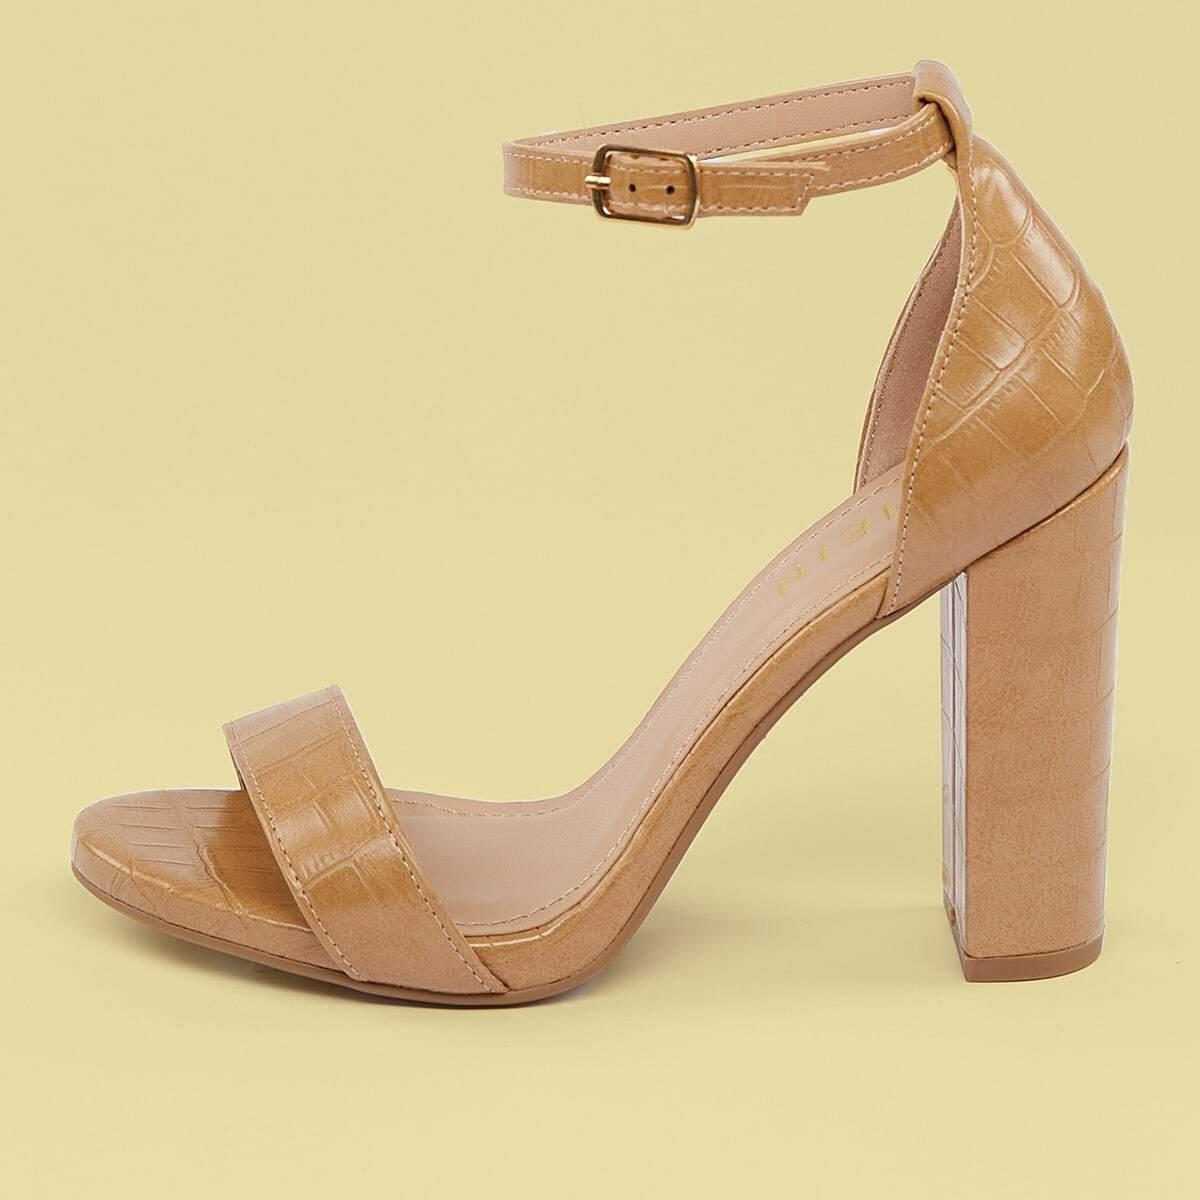 Рельефные туфли с массивным каблуком и открытым носком от SHEIN